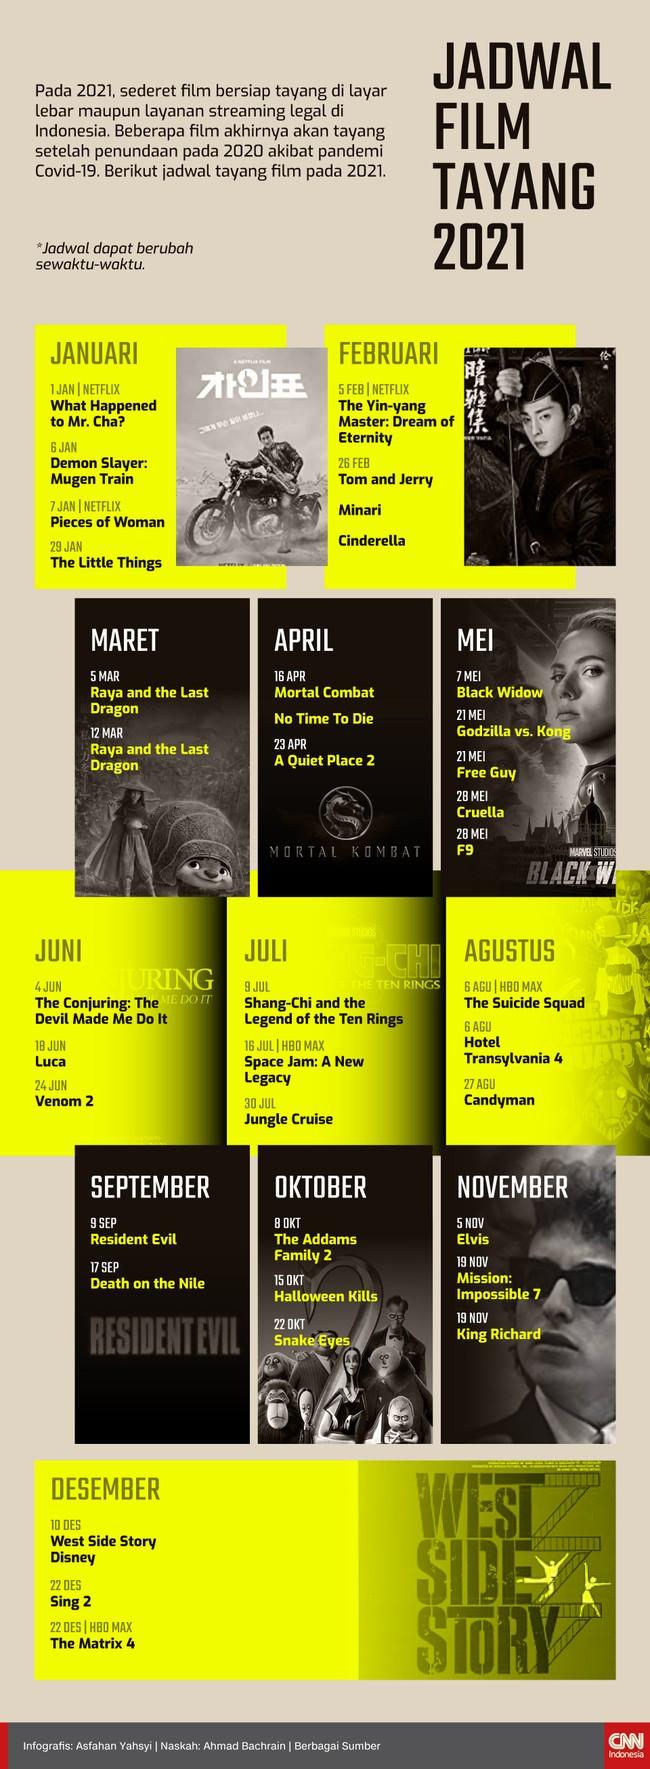 Pada 2021, sederet film bersiap tayang di layar lebar maupun layanan streaming legal di Indonesia, berikut jadwal tayang film pada 2021.